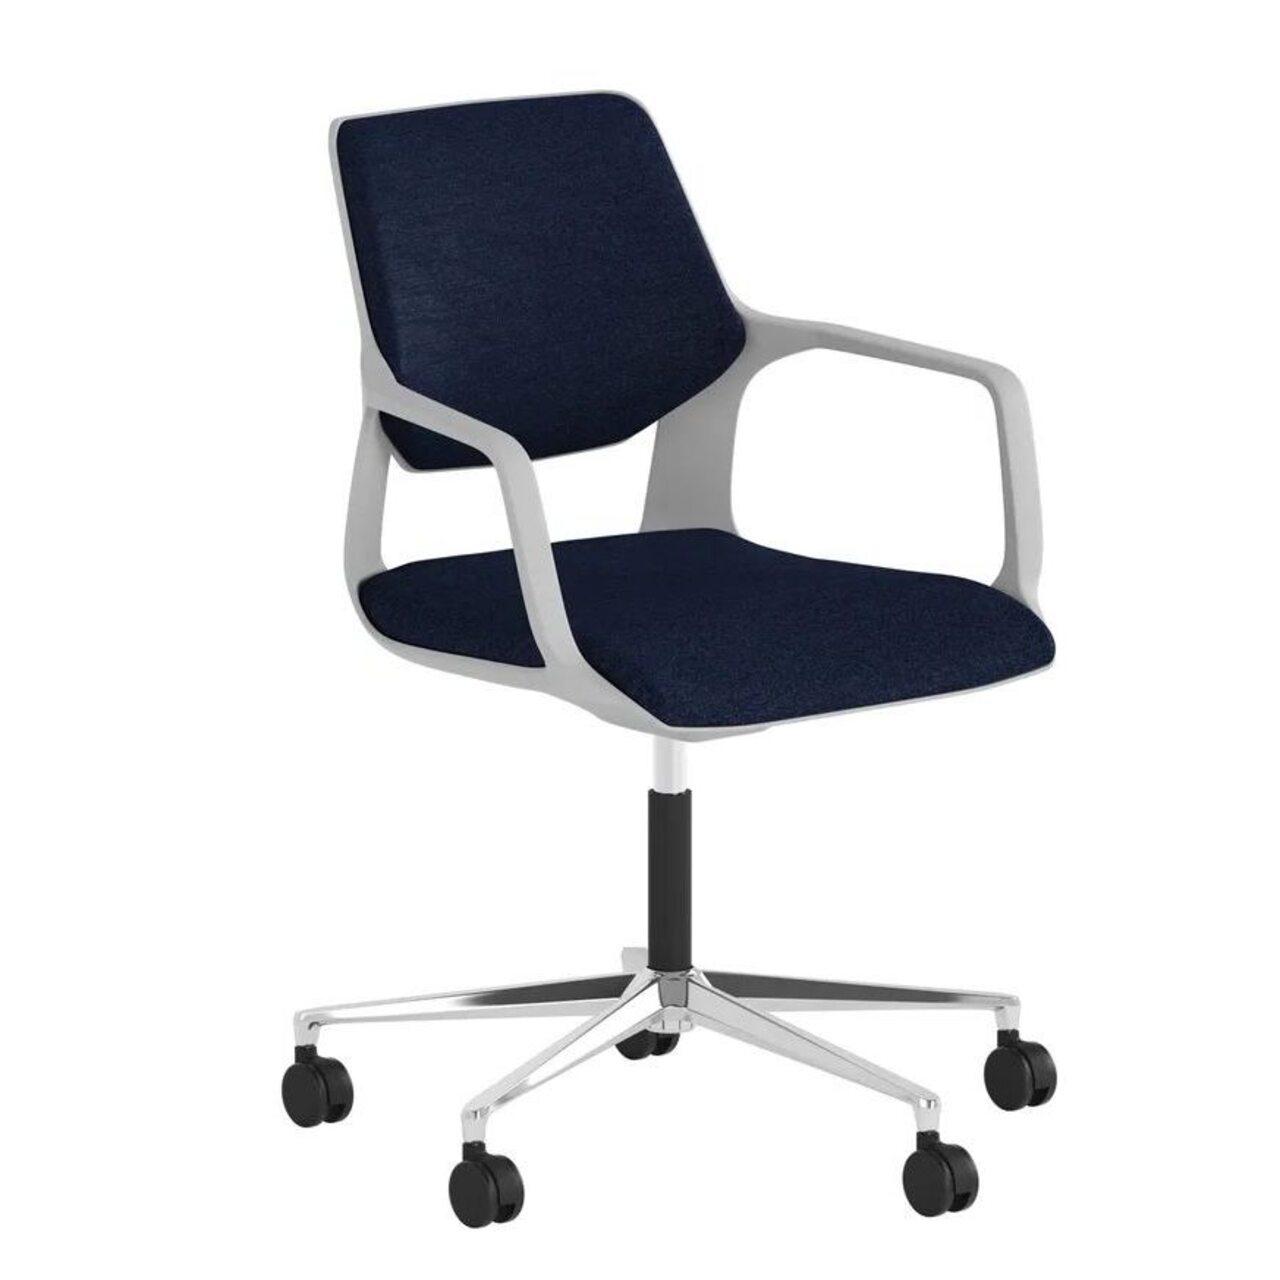 Кресло для персонала Фальконе (низкая спинка) - фото 1